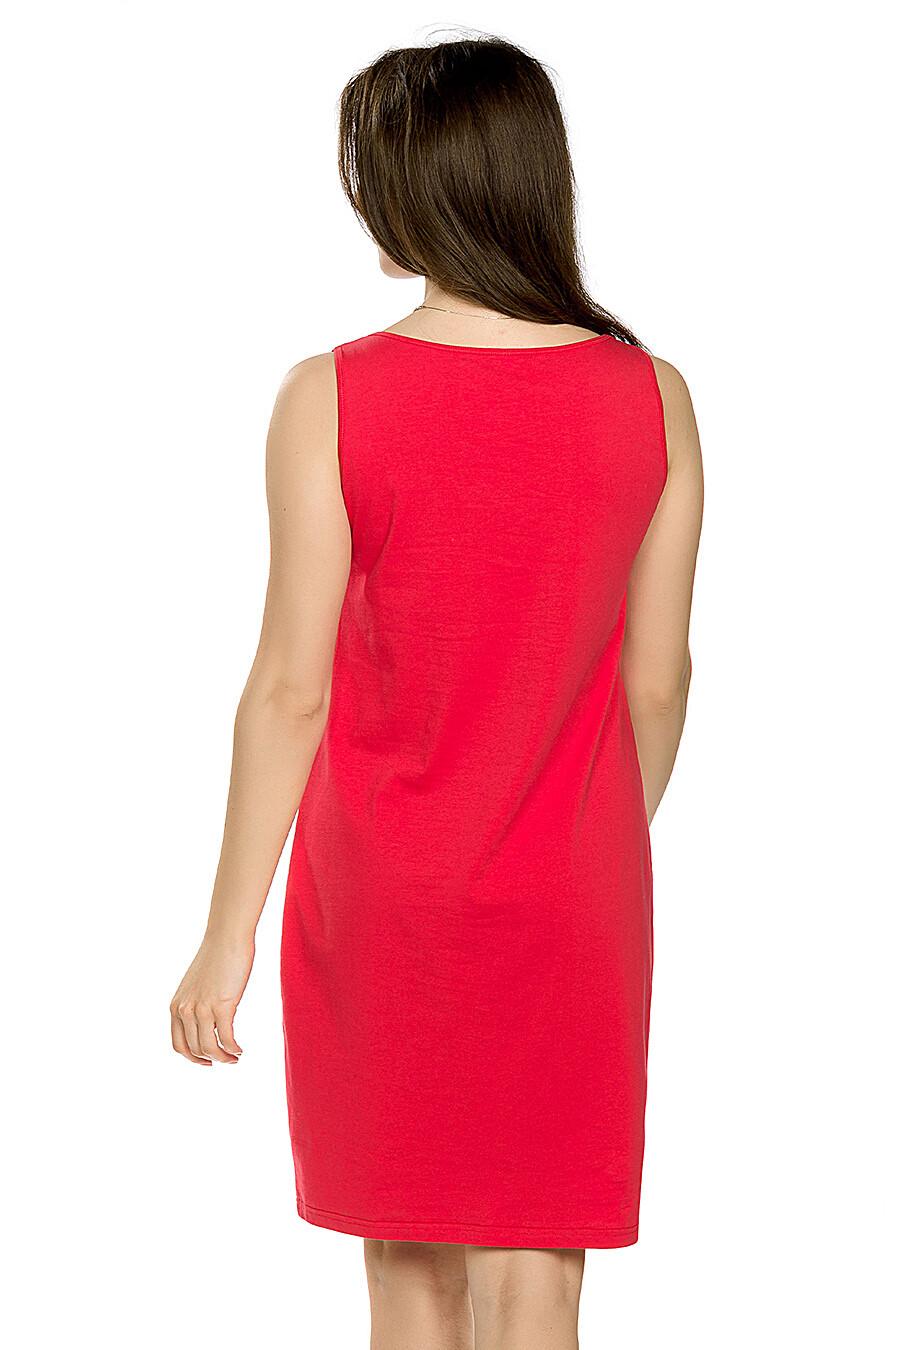 Платье для женщин PELICAN 161488 купить оптом от производителя. Совместная покупка женской одежды в OptMoyo